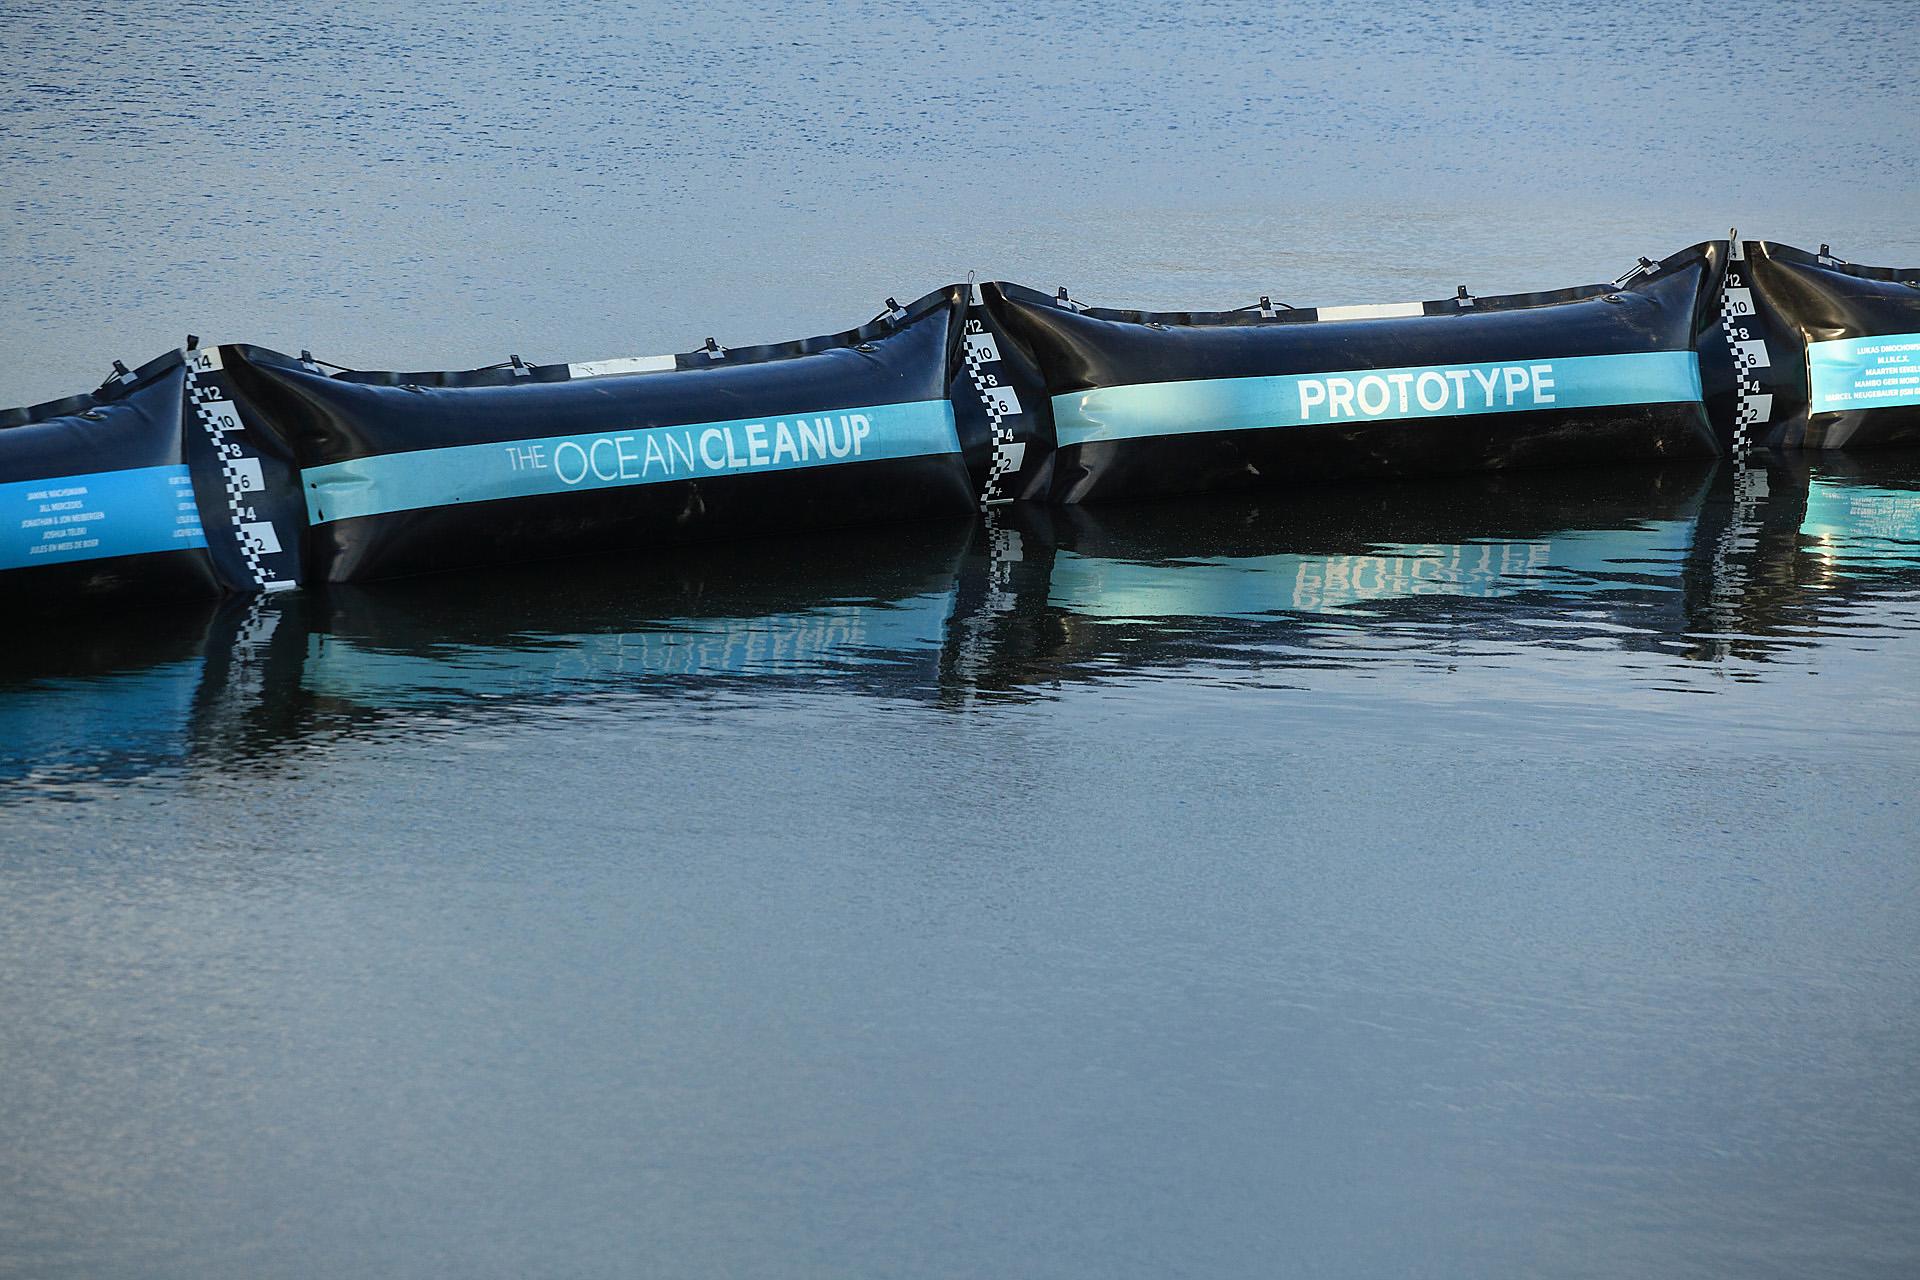 Testování plovoucí bariéry, zdroj: The Ocean Cleanup, foto: Erwin Zwart